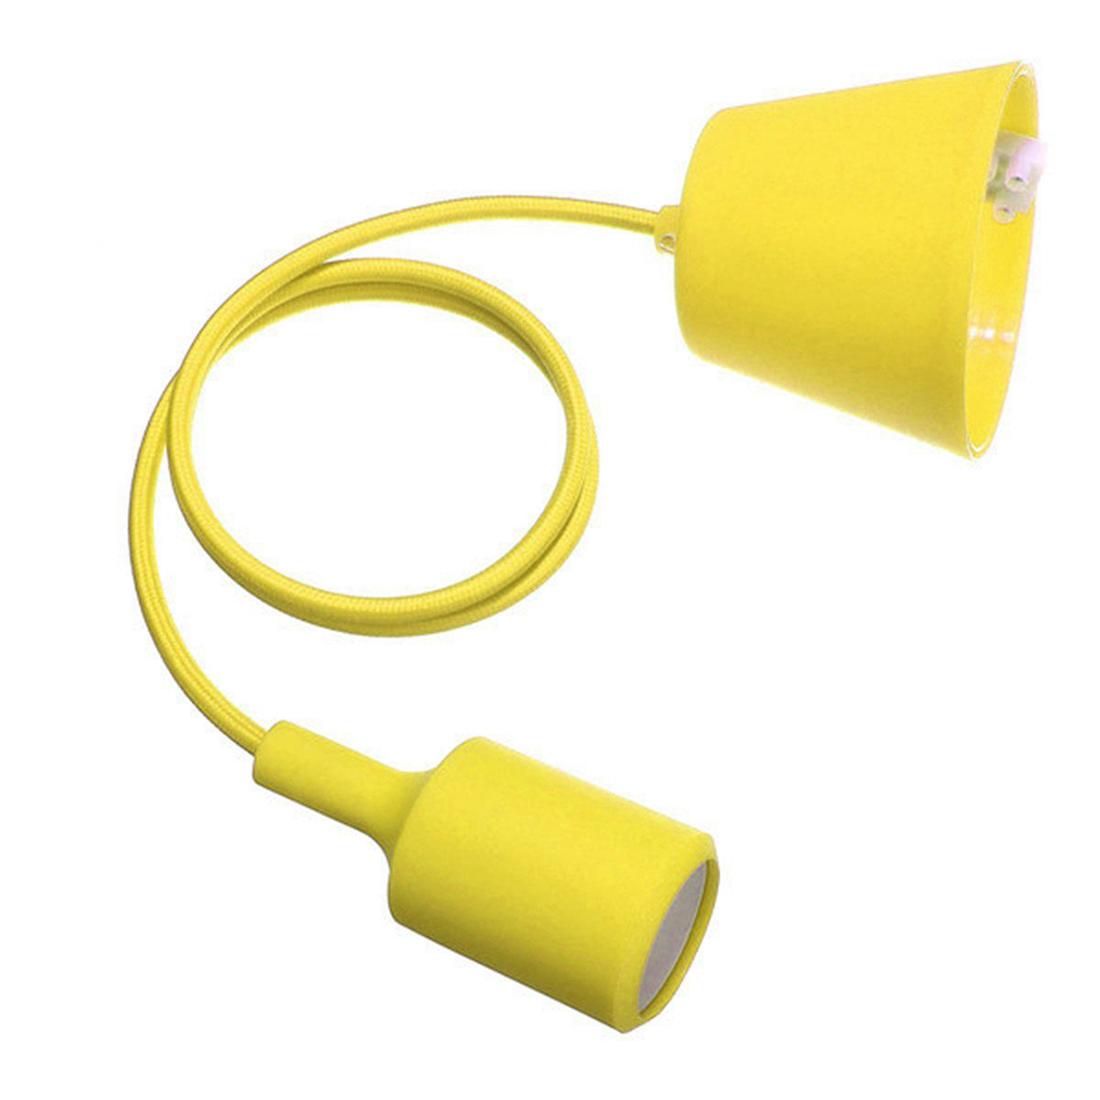 e27 silicone rubber fassung gluehbirne pendelleuchte lampenfassung diy gelb w2s4 ebay. Black Bedroom Furniture Sets. Home Design Ideas